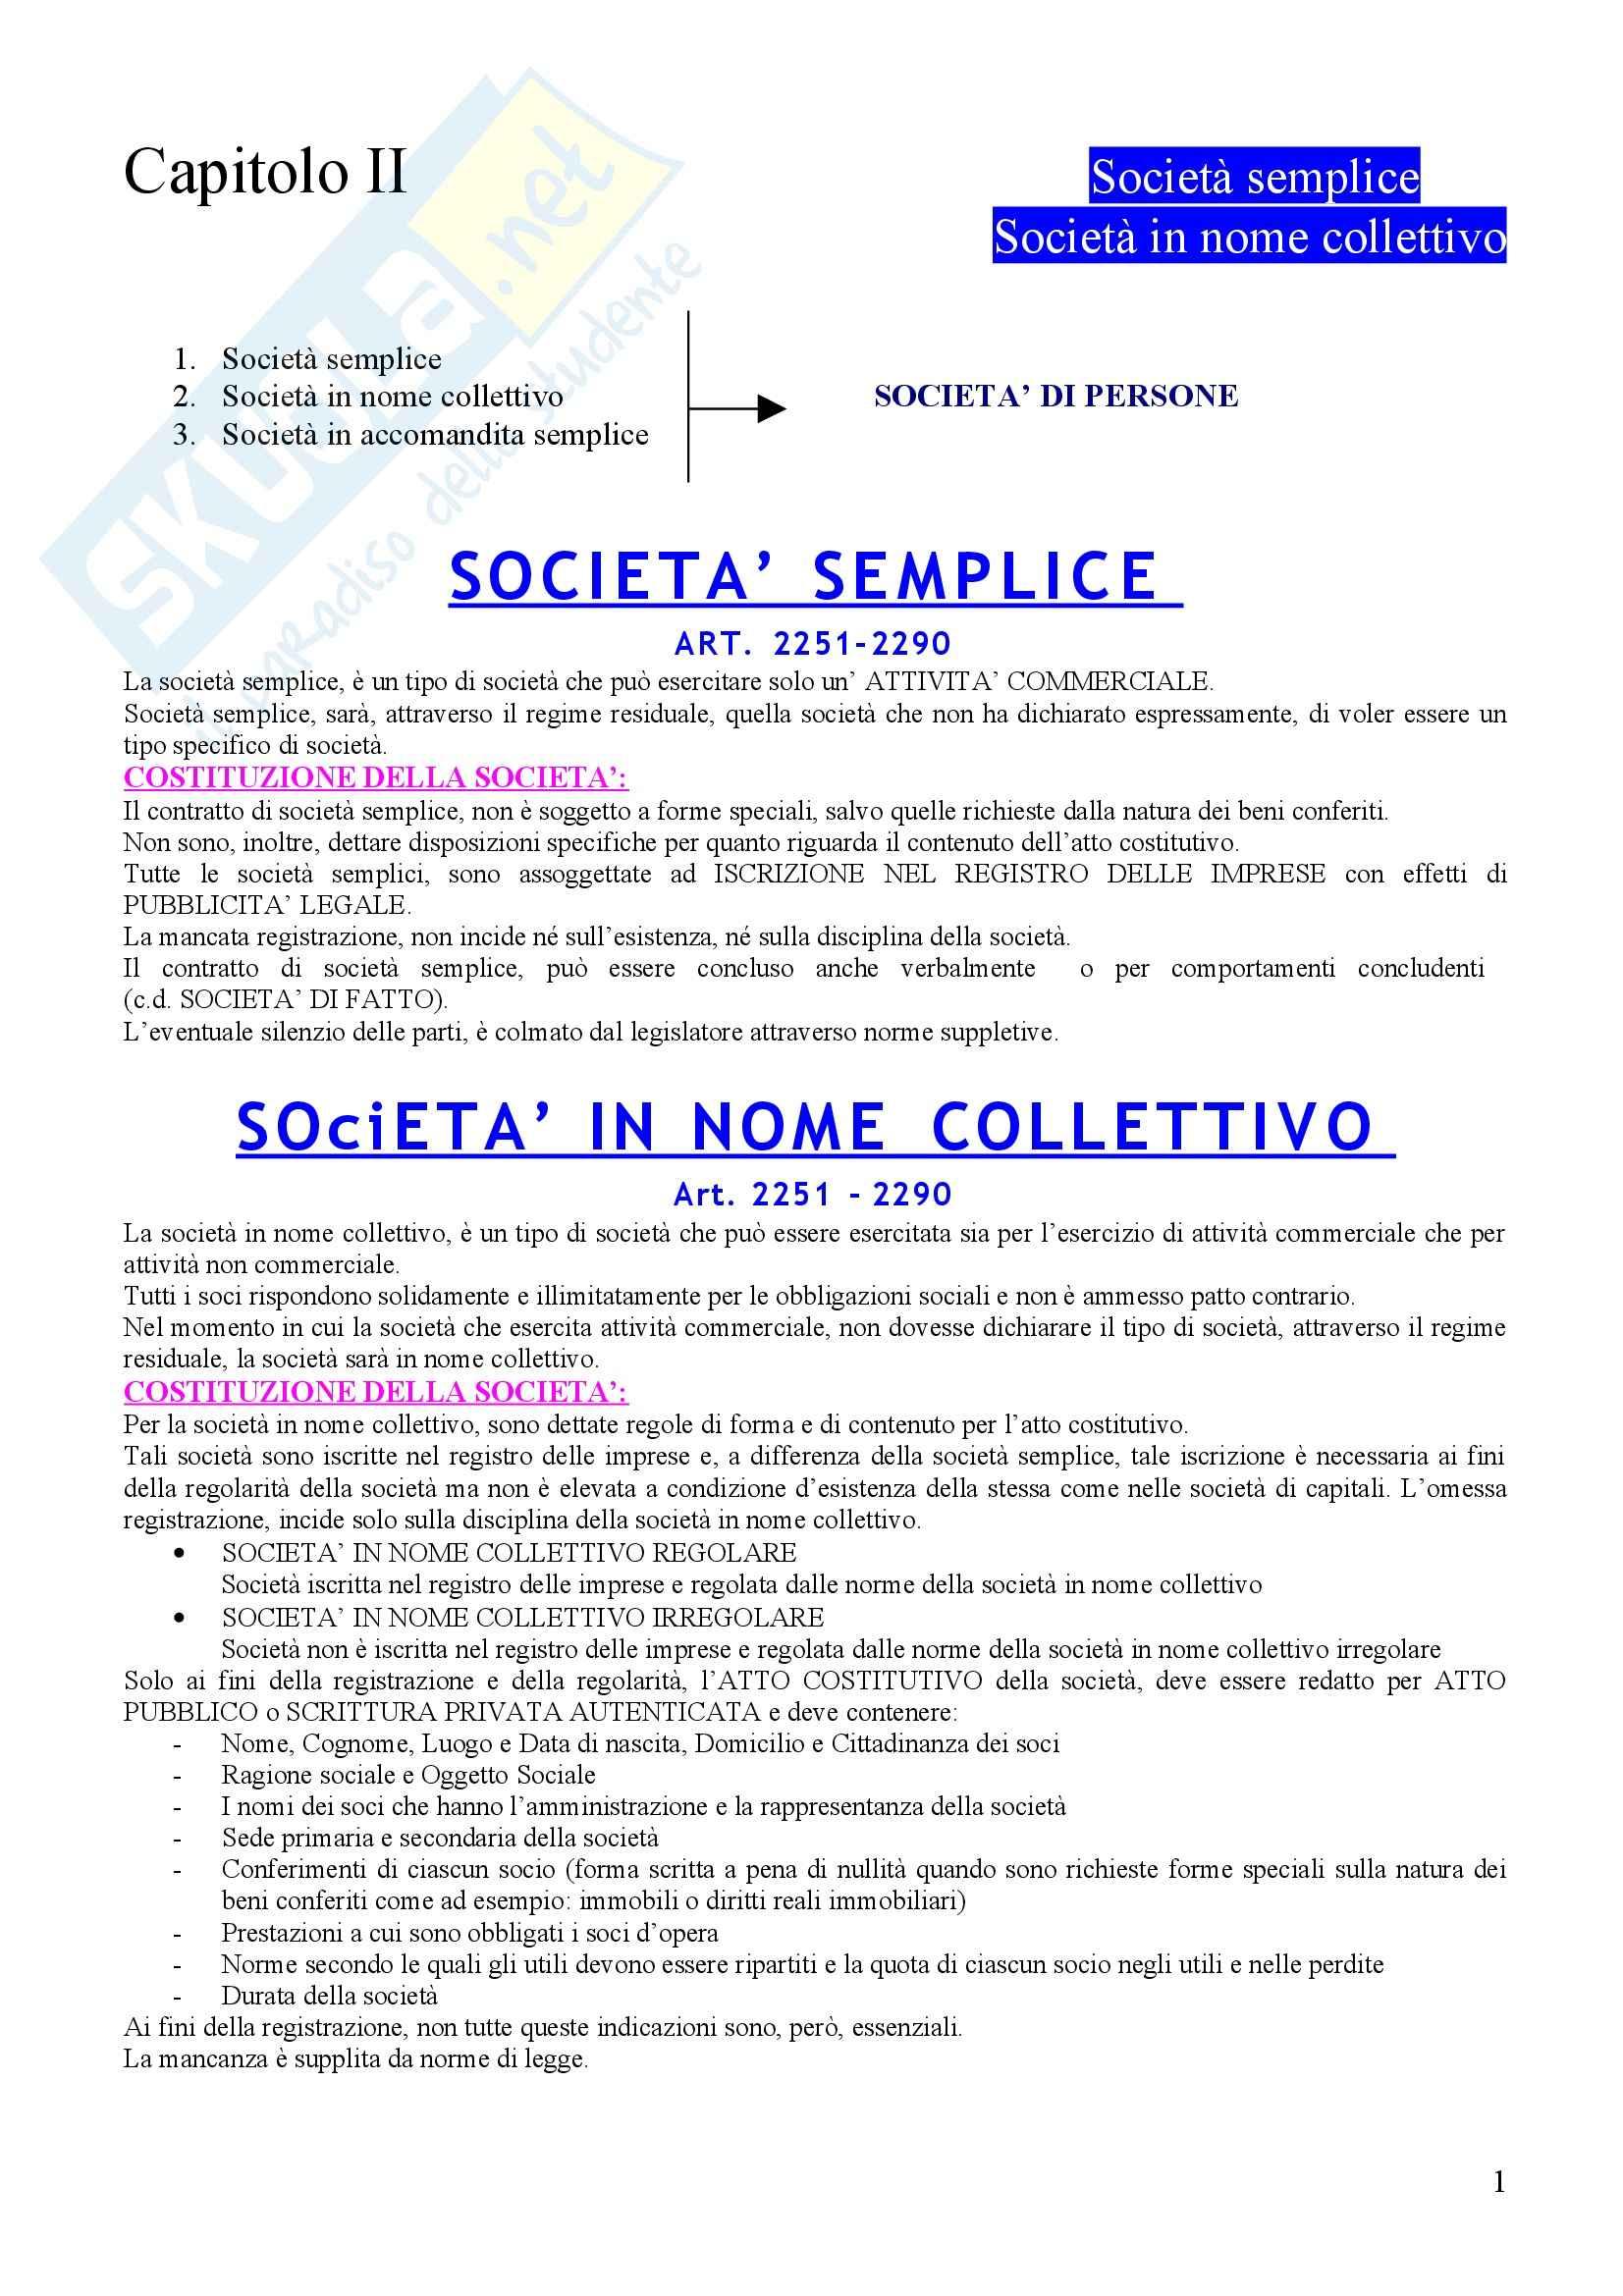 Diritto commerciale - la società semplice e la società in nome collettivo